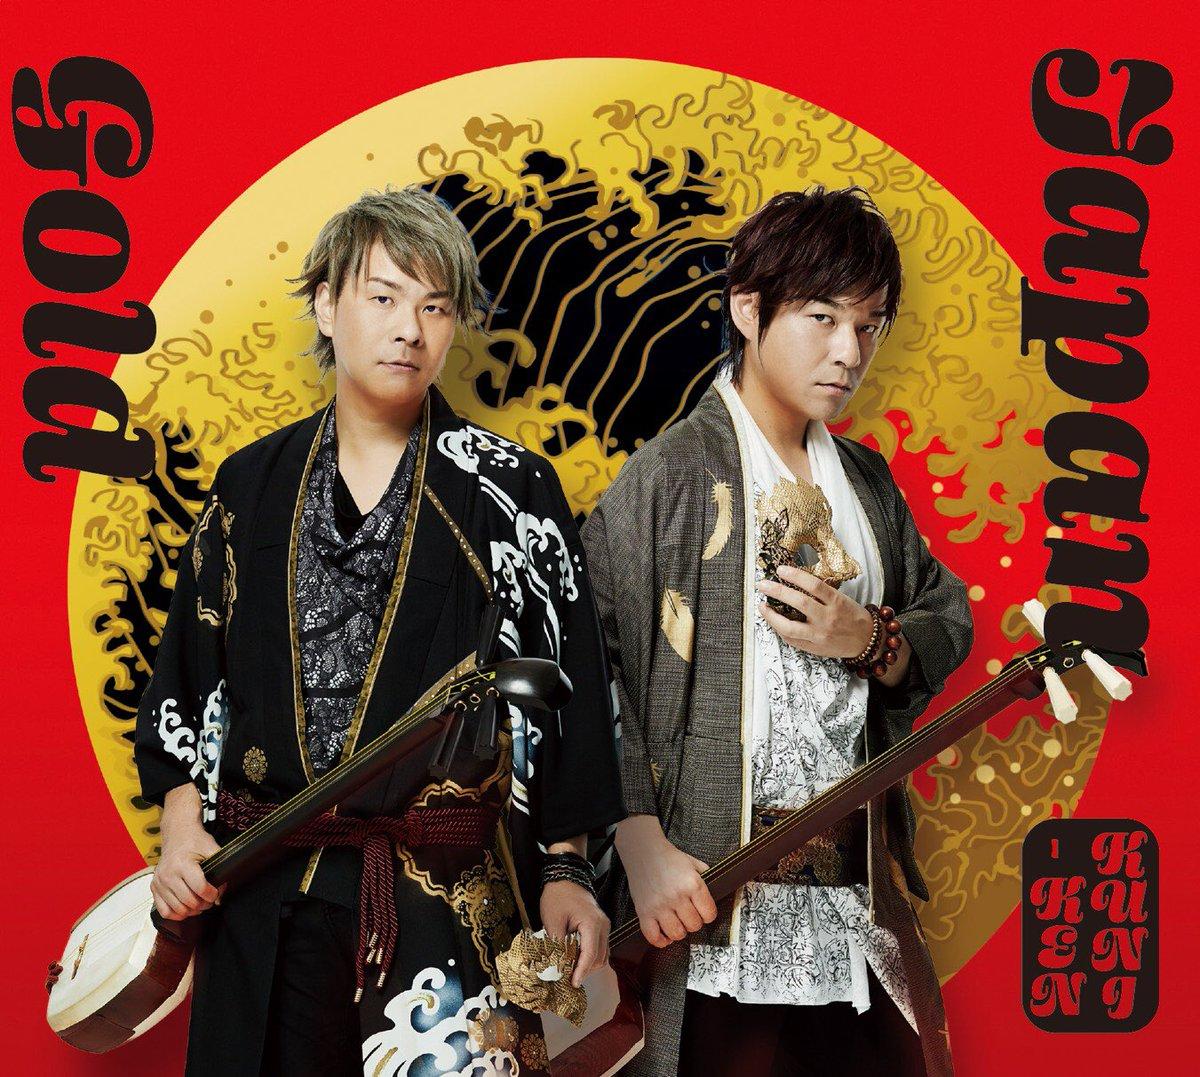 ニューシングル「JAPAN GOLD」2020年1月6日にリリース決定しました!!三味線、歌、ラップをロックとEDMのサウンドに乗せ、日本中がゴールドに輝くことを描いた応援ソング!◆詳細はこちら!#和楽器 #三味線 #ロック #kuniken #村屋光二 #レコーディング #ギター #JAPAN